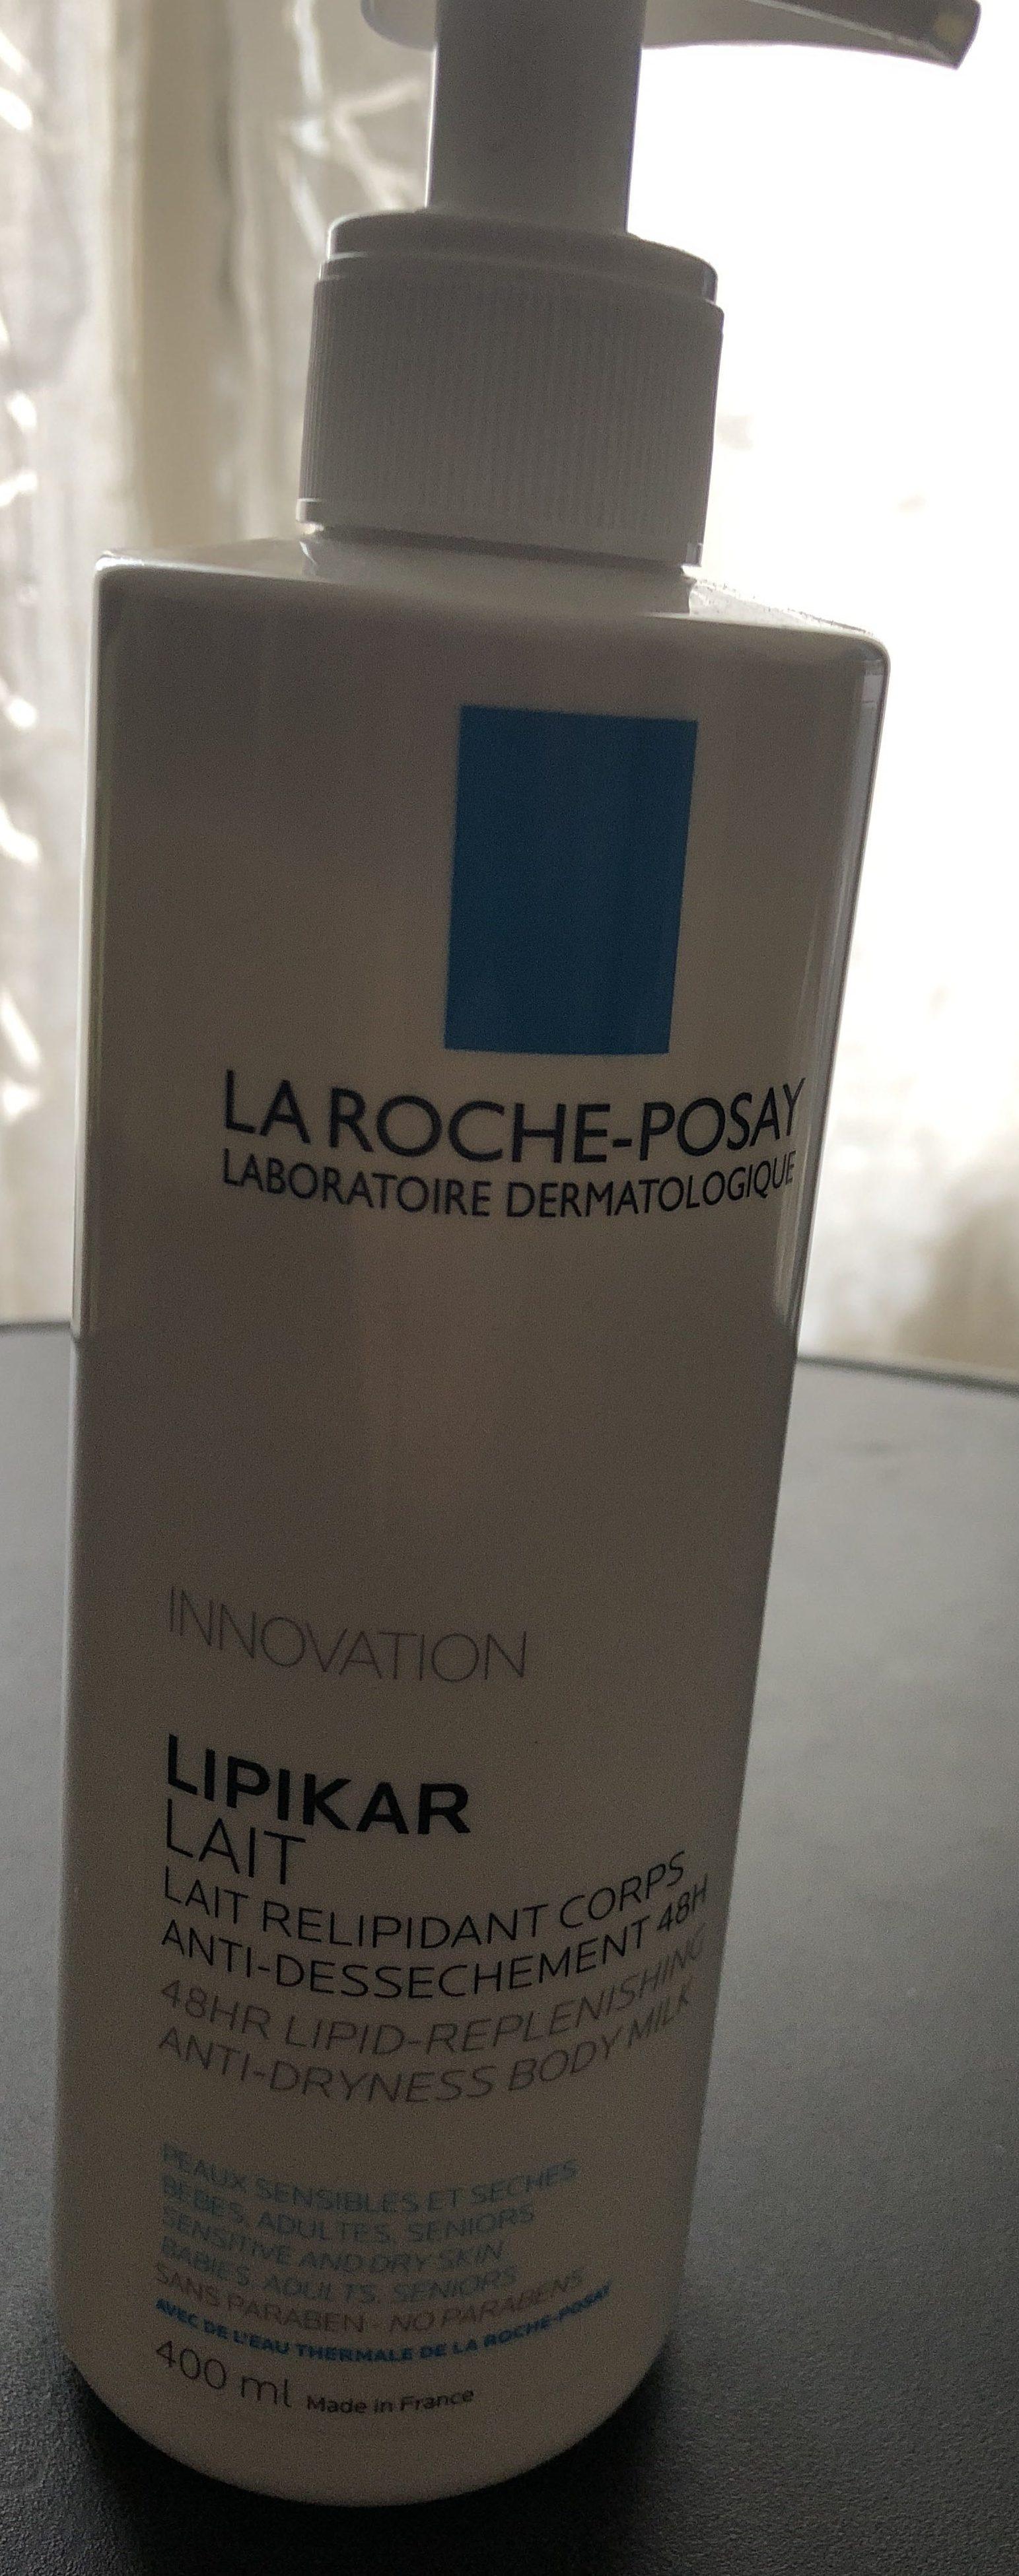 LIPIKAR Lait - Product - fr